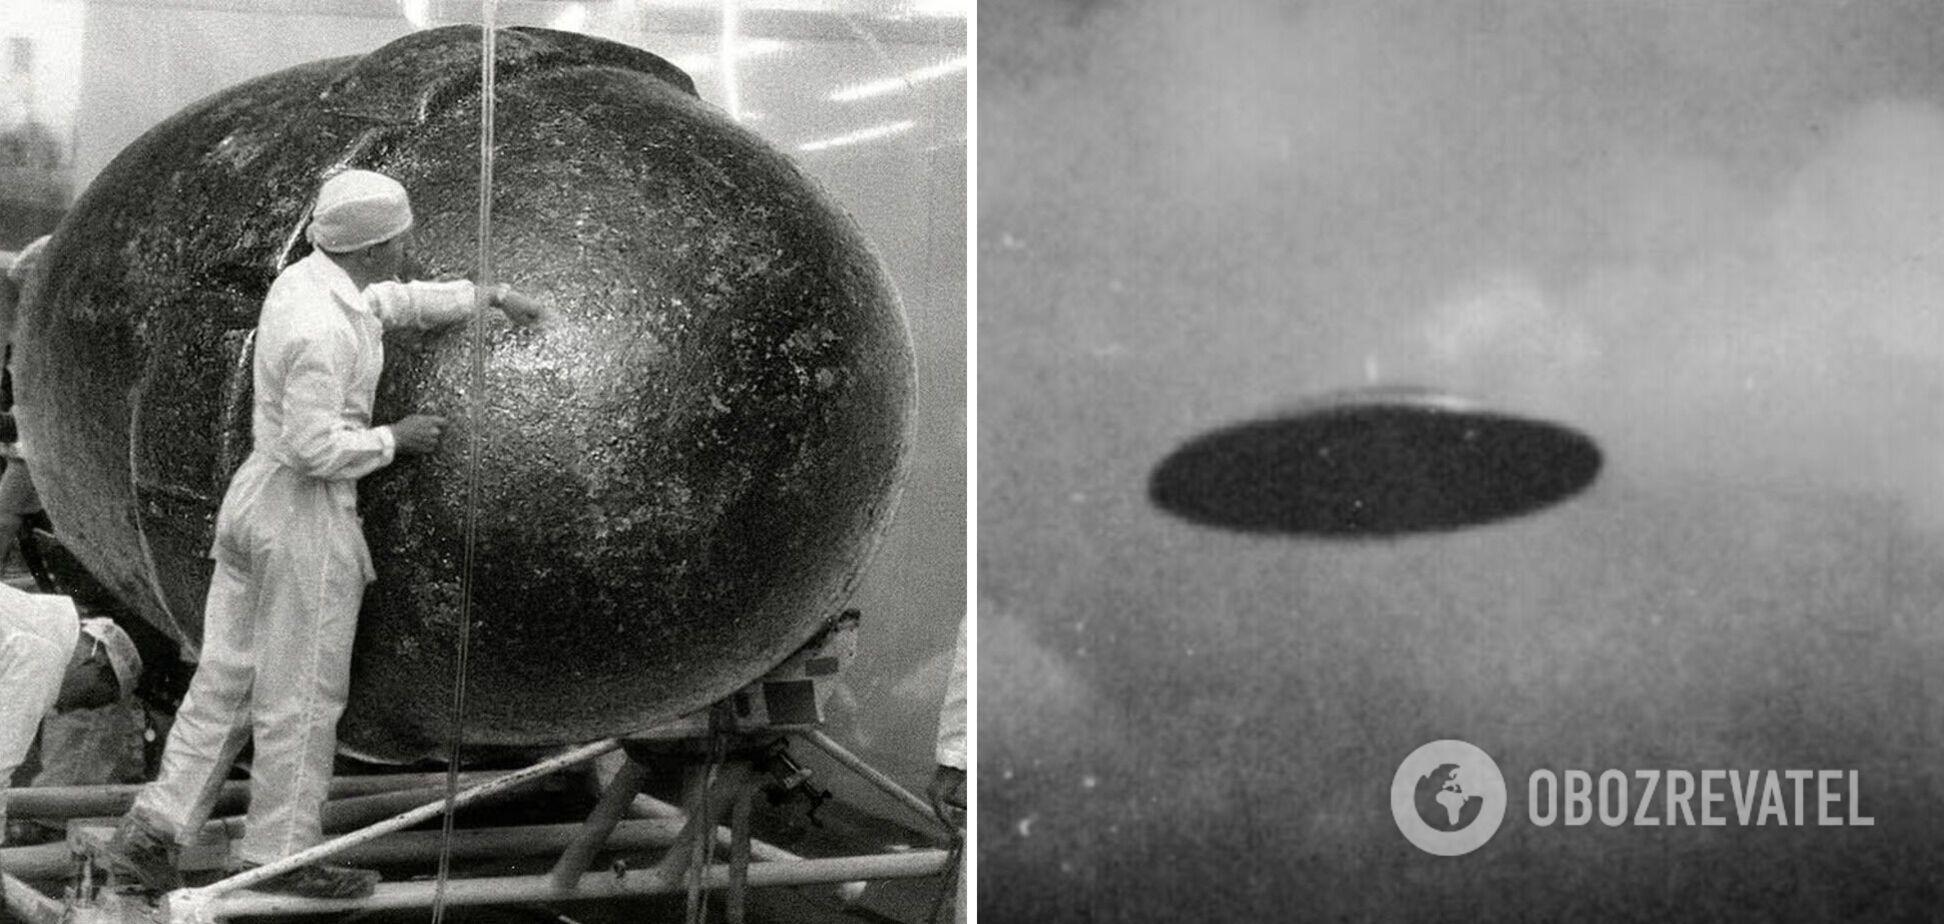 Летающие тарелки в СССР: откуда взялись мифы